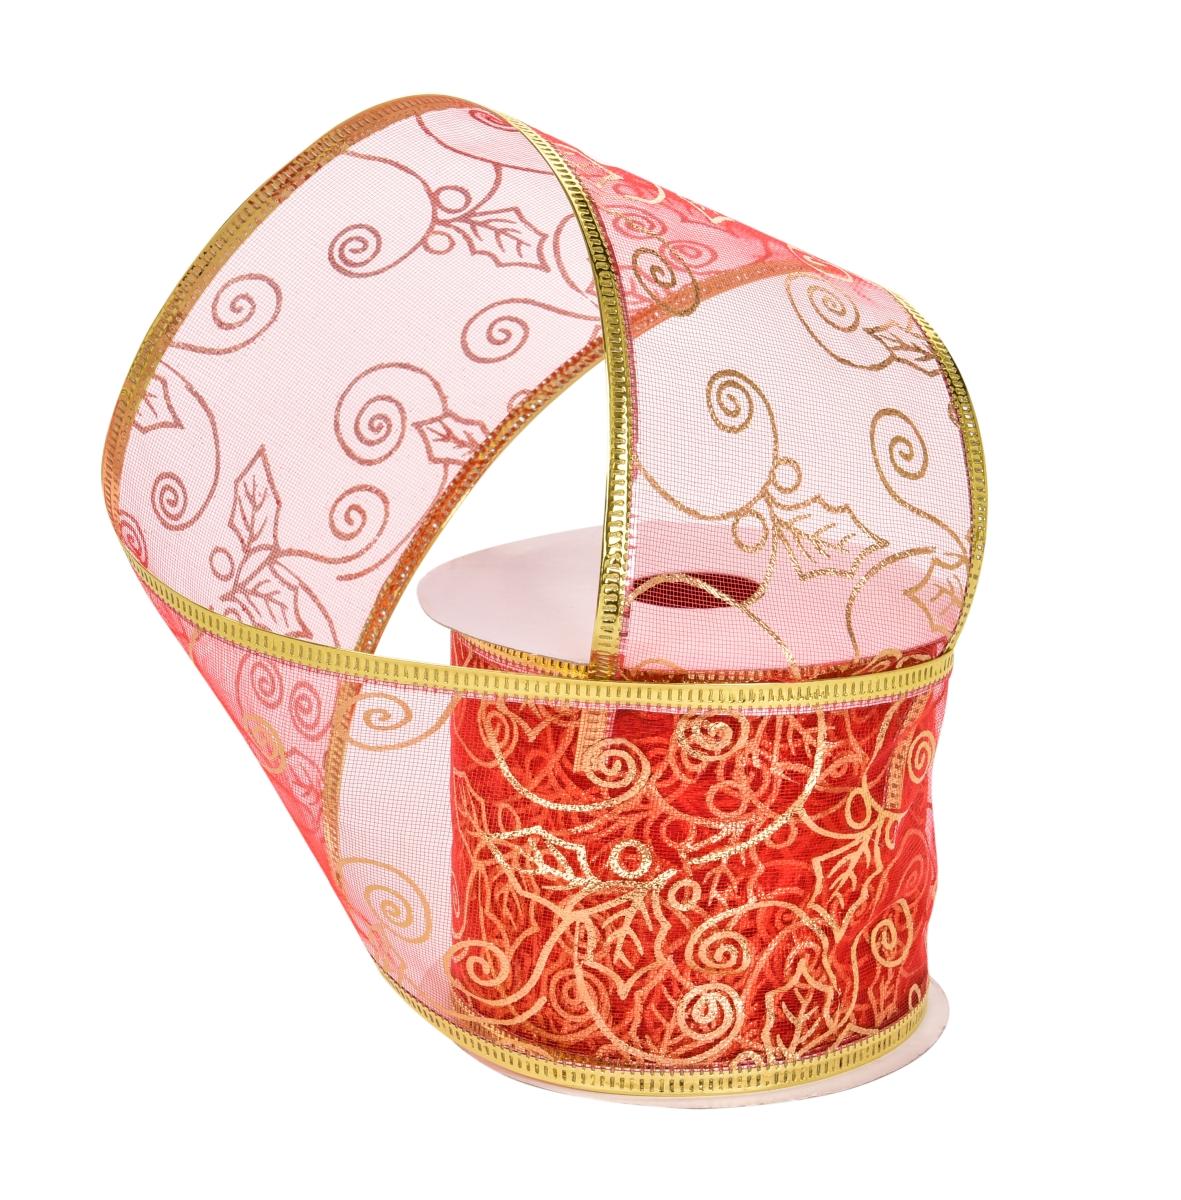 Dárková dekorační síťovaná stuha červená se zlatými ornamenty s ozdobným motivem